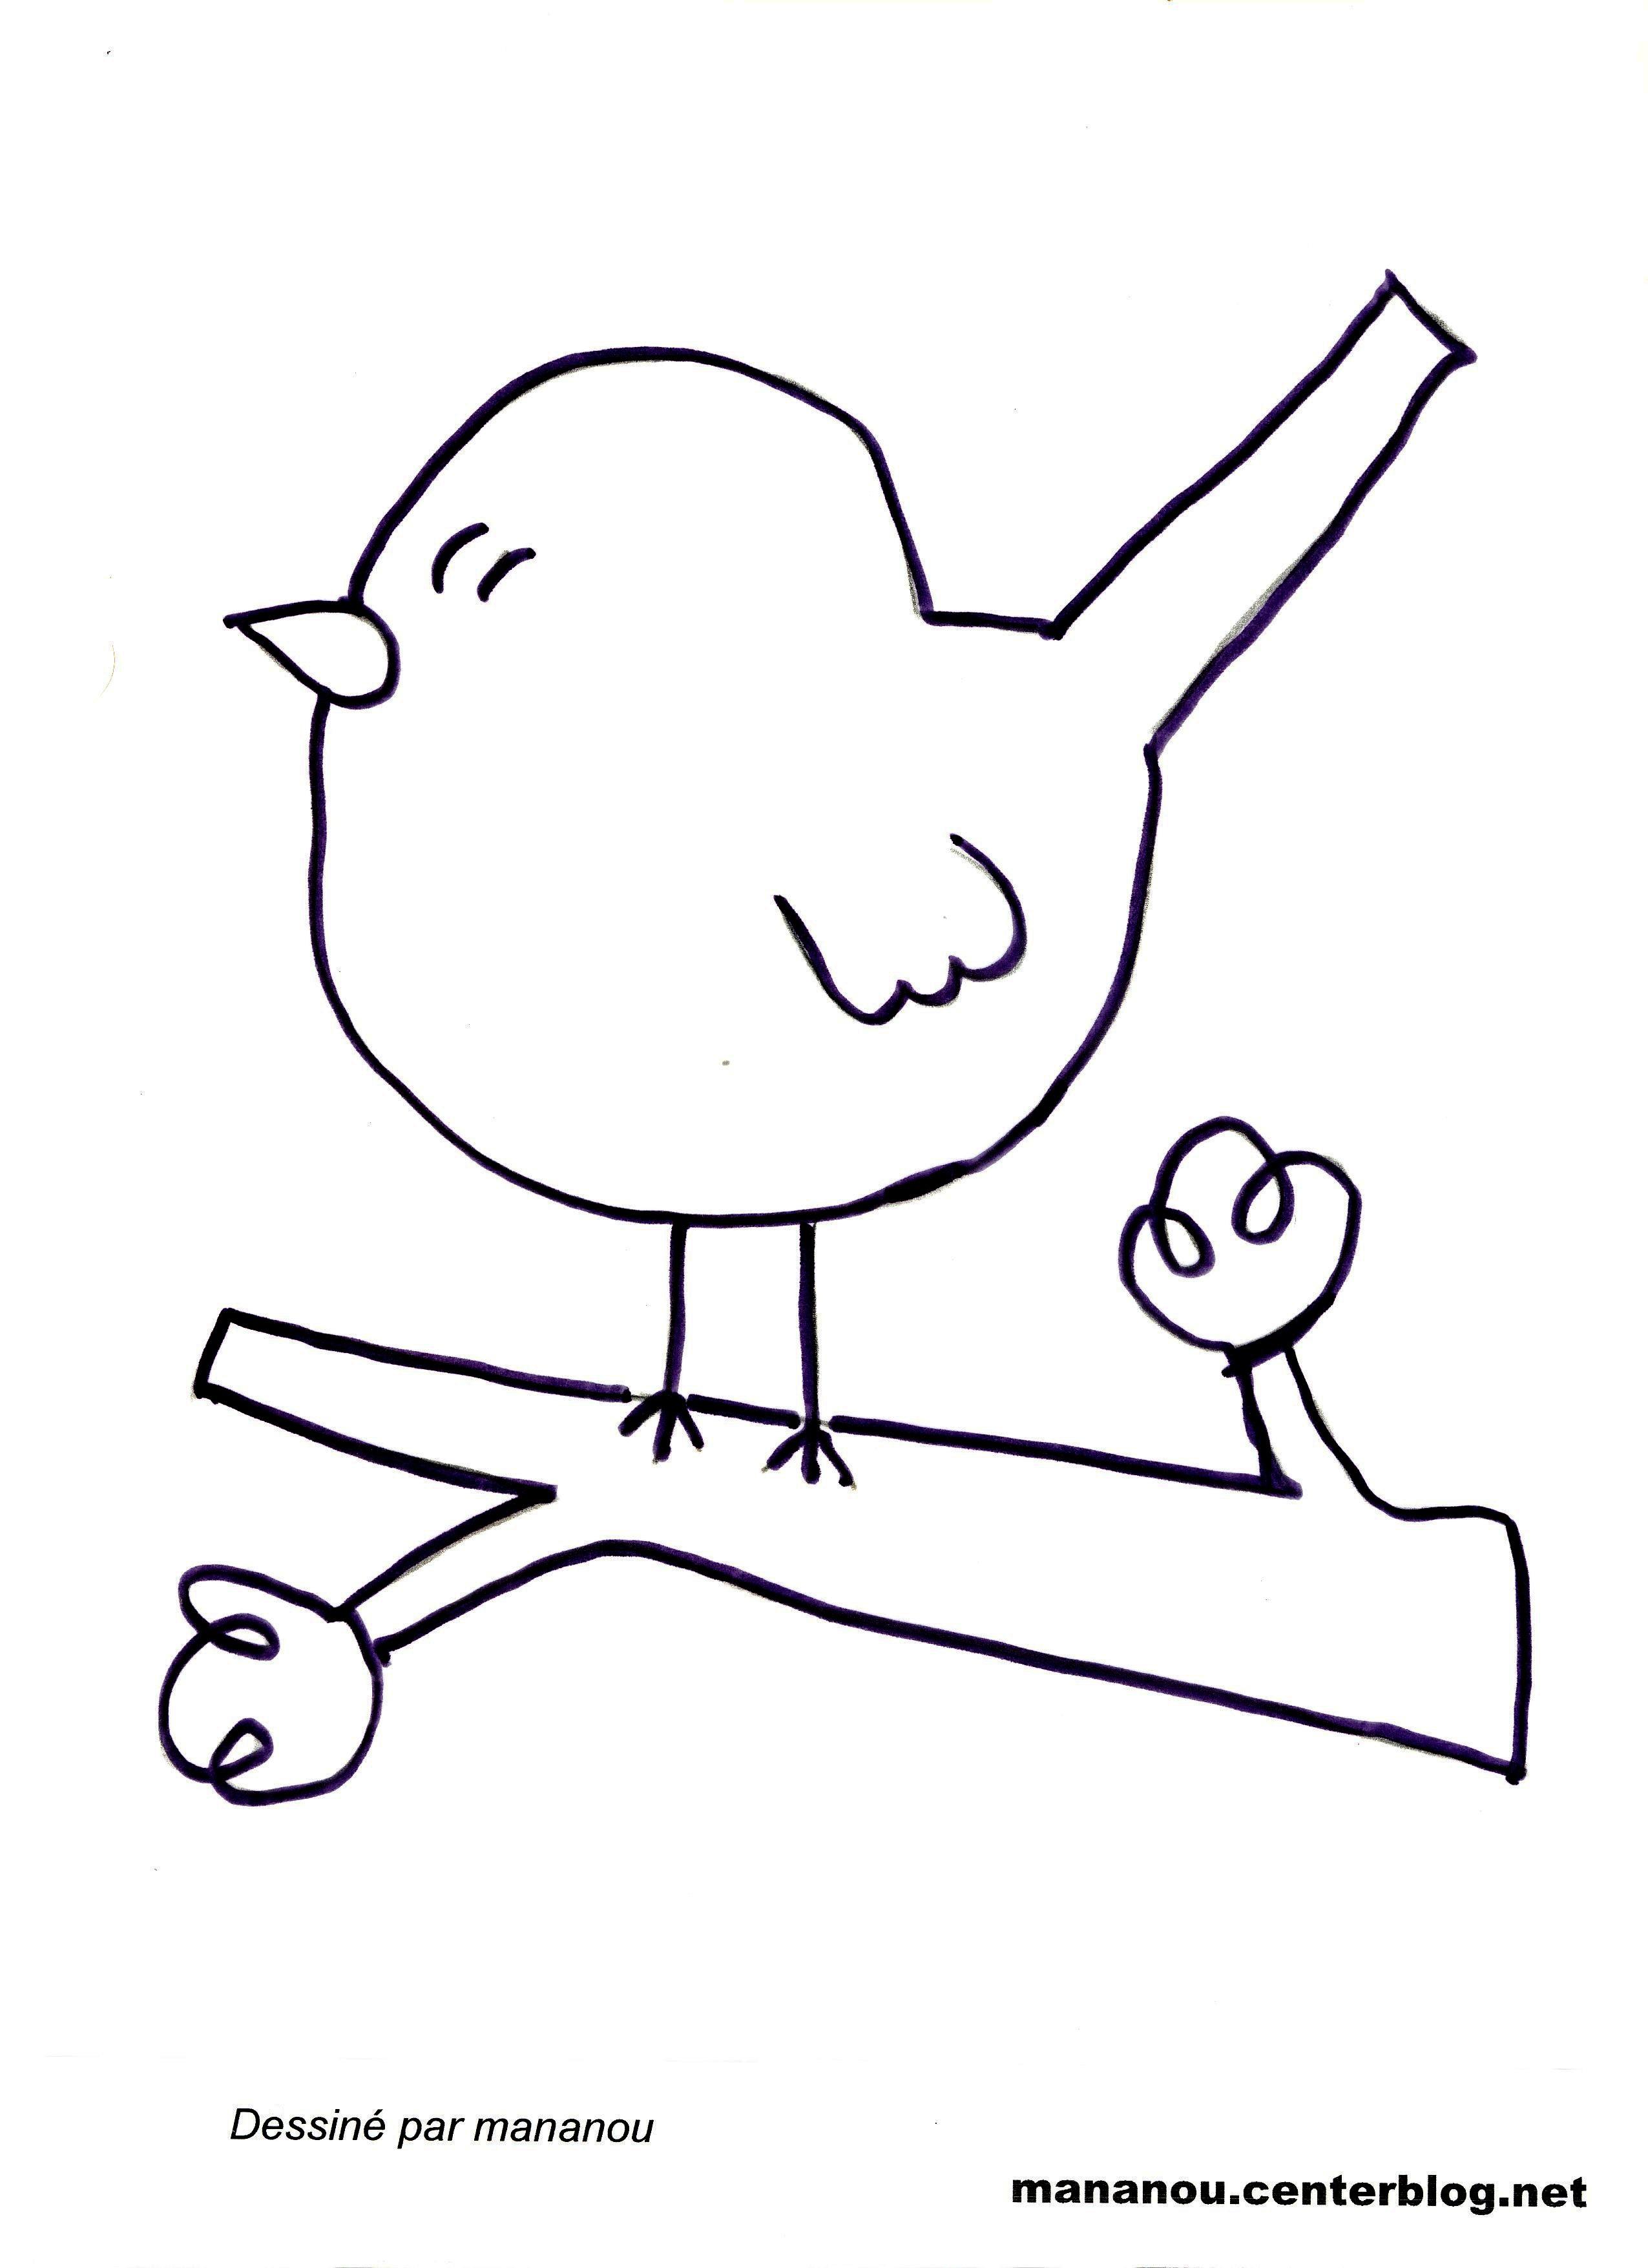 119 dibujos de aves para colorear oh kids page 7 - Dessiner un oiseau en maternelle ...